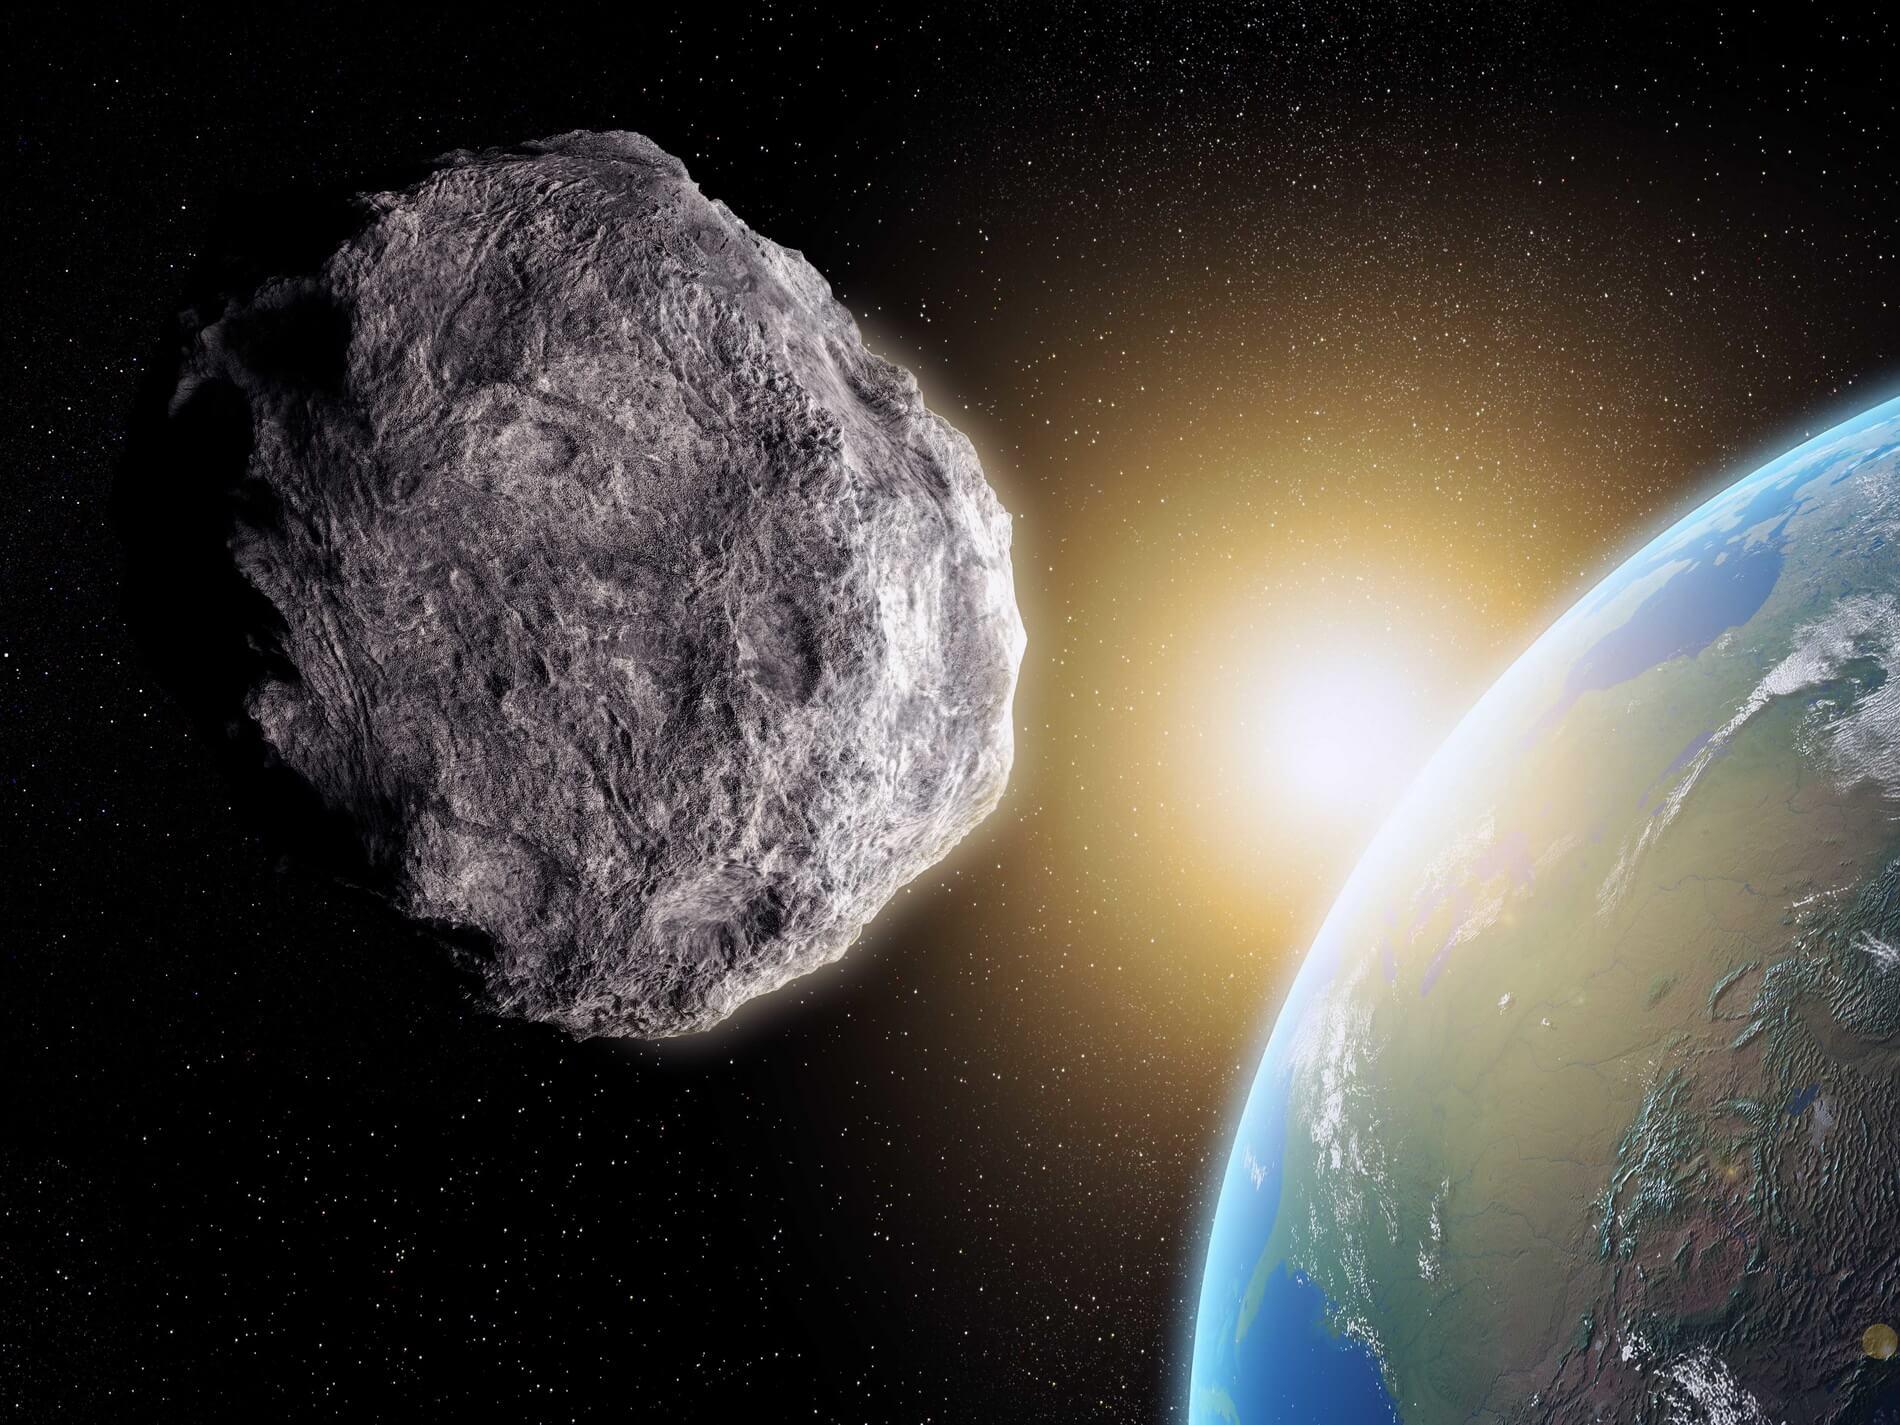 Какая вероятность того, что на Землю упадет астероид?